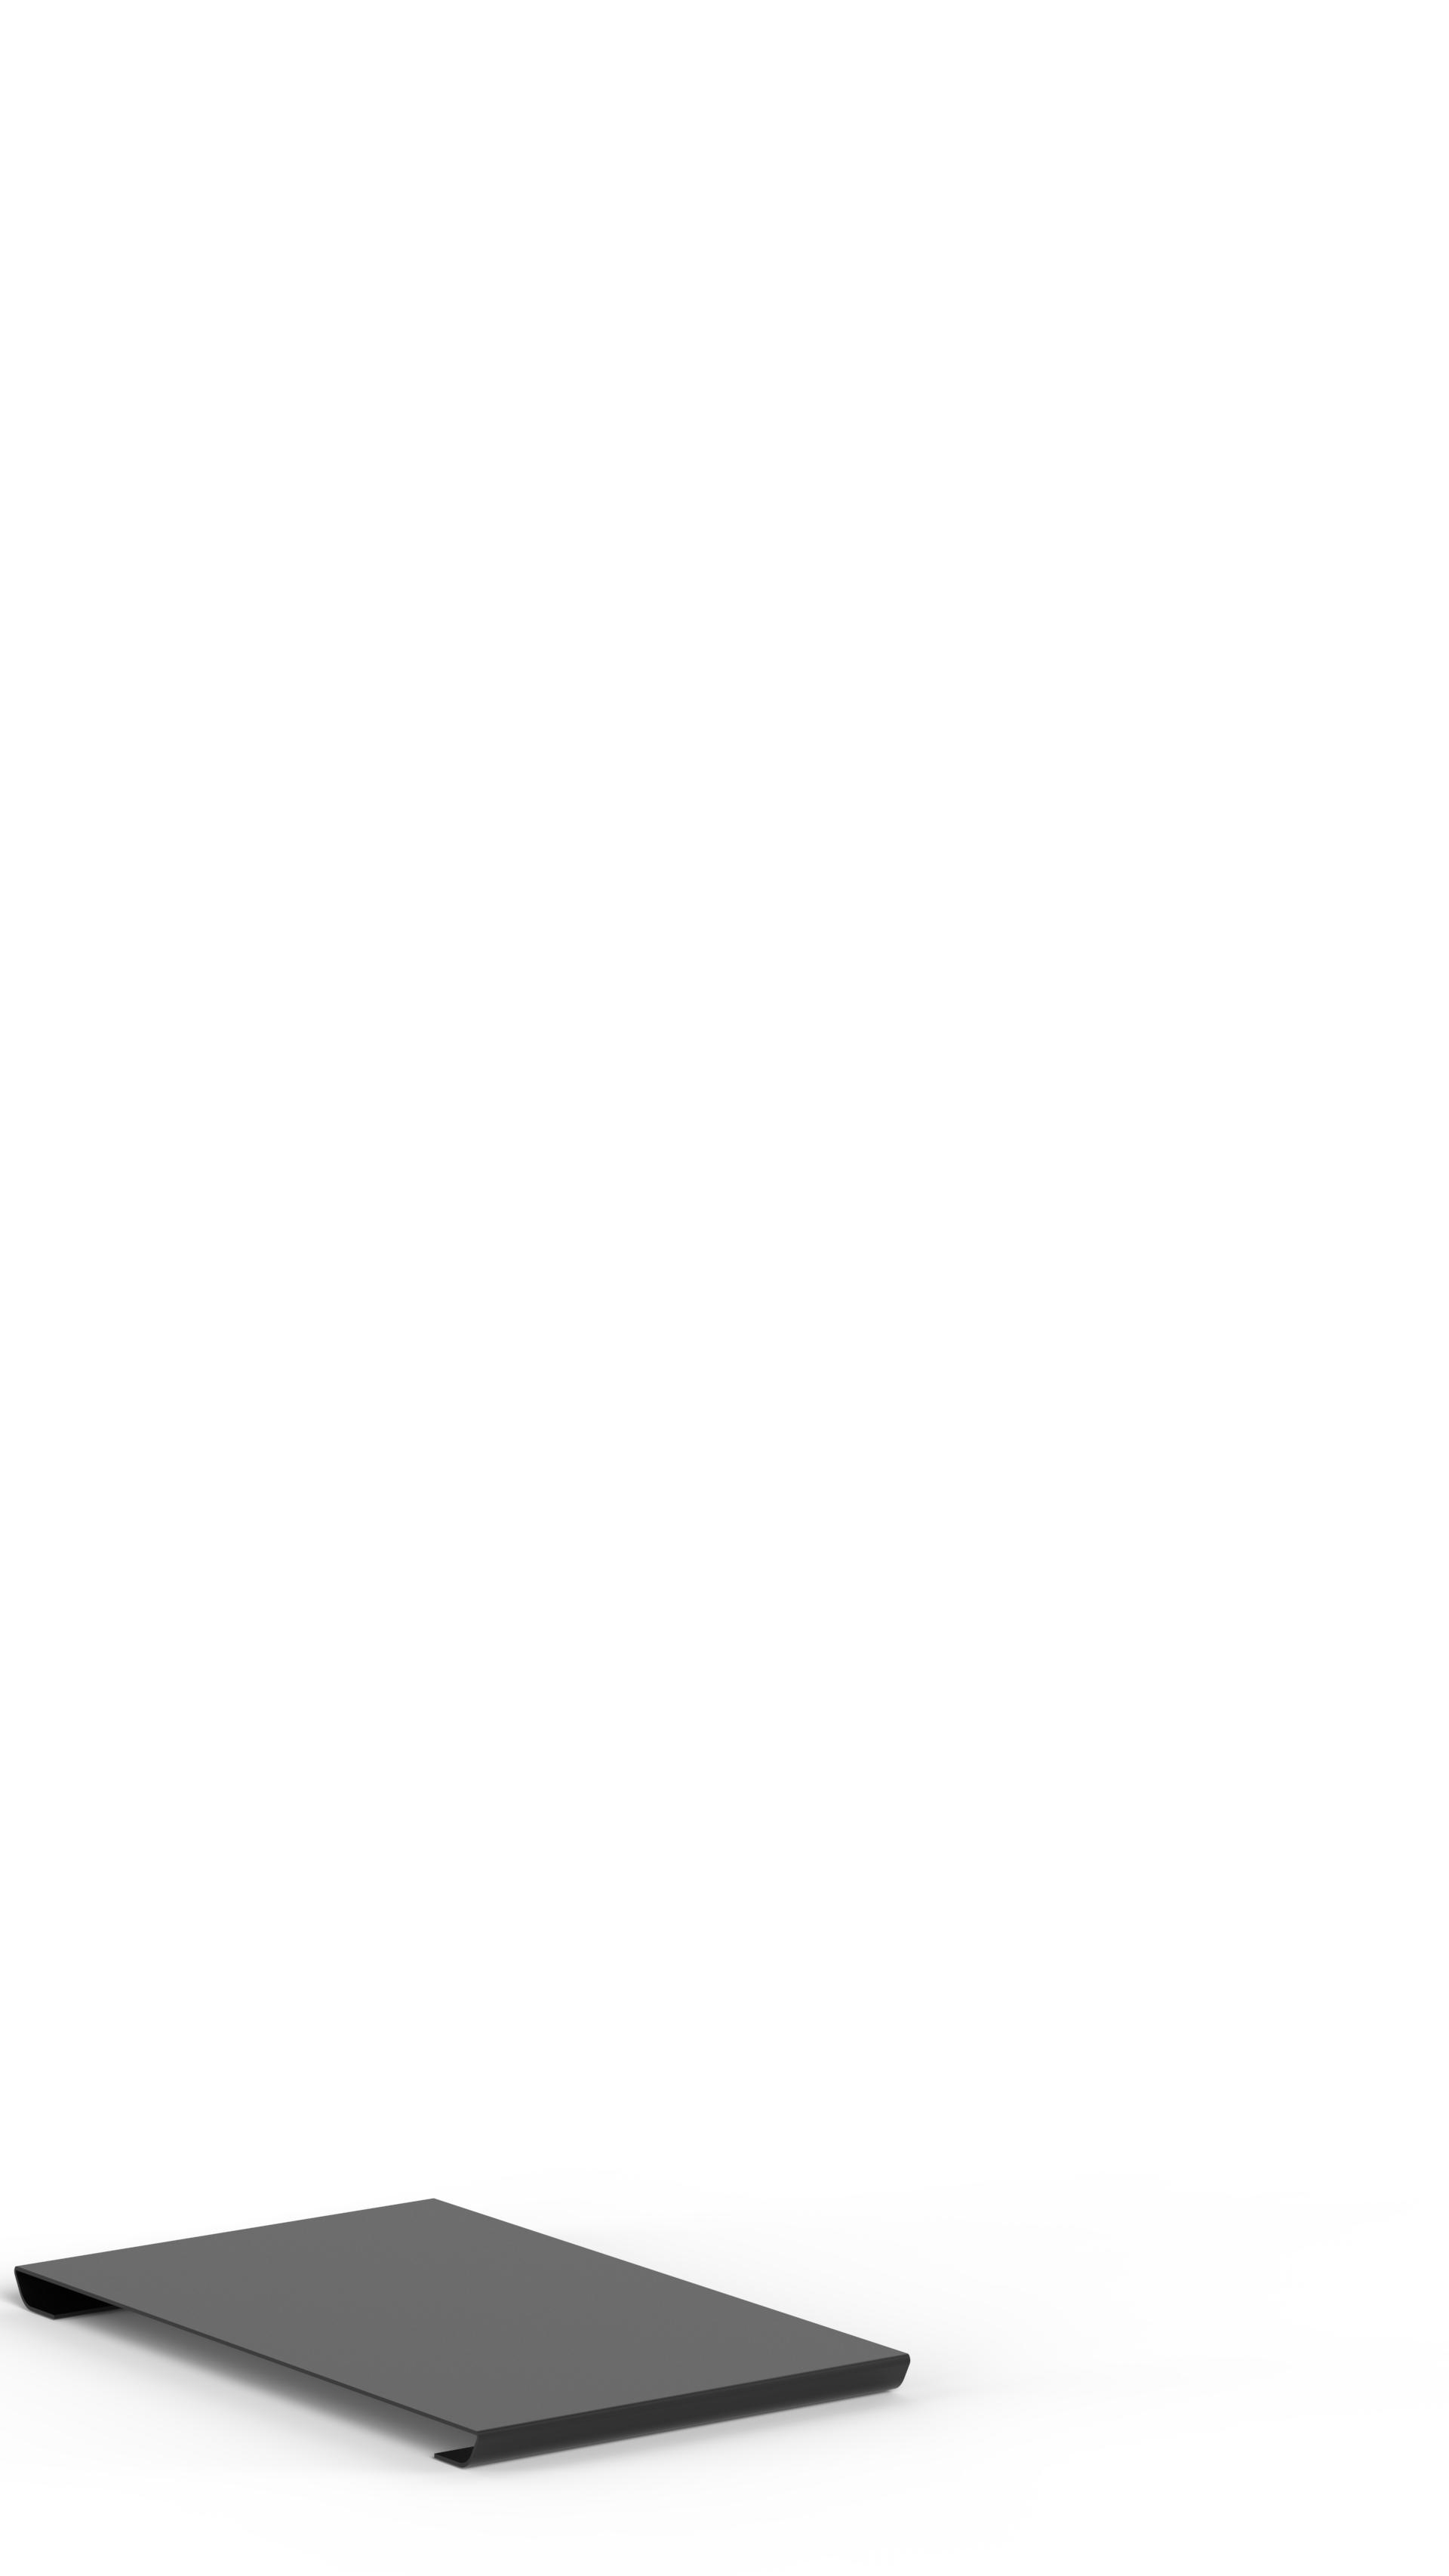 aeroPL40x25x2x2 Présentoir plateau de présentation SAINT-HONORÉ PARIS